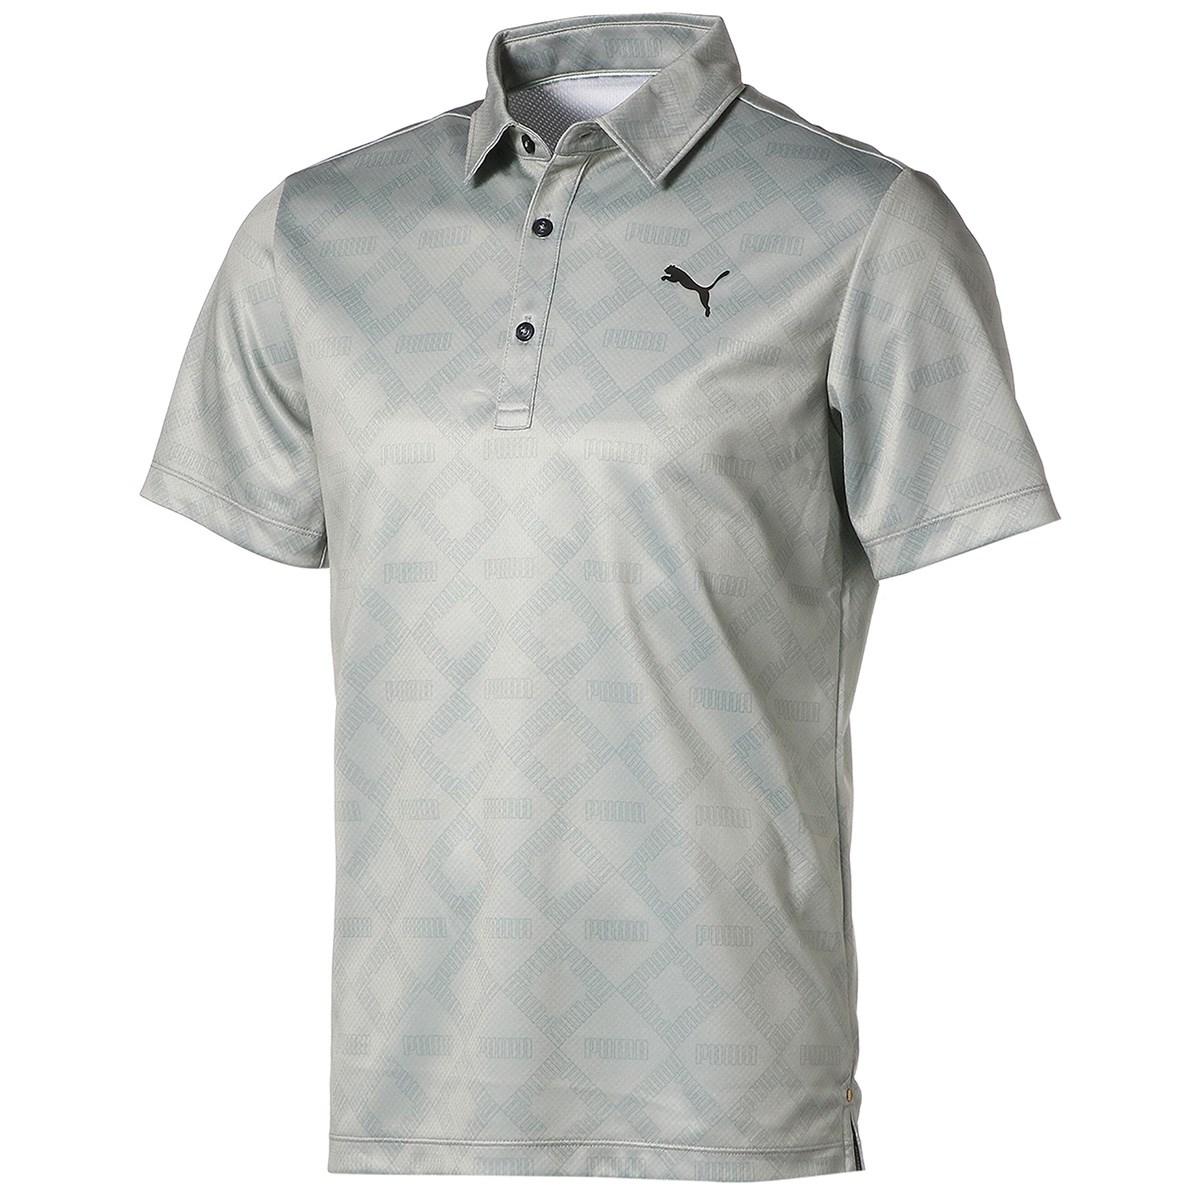 プーマ PUMA モノグラム 半袖ポロシャツ XL ハイライズ 04